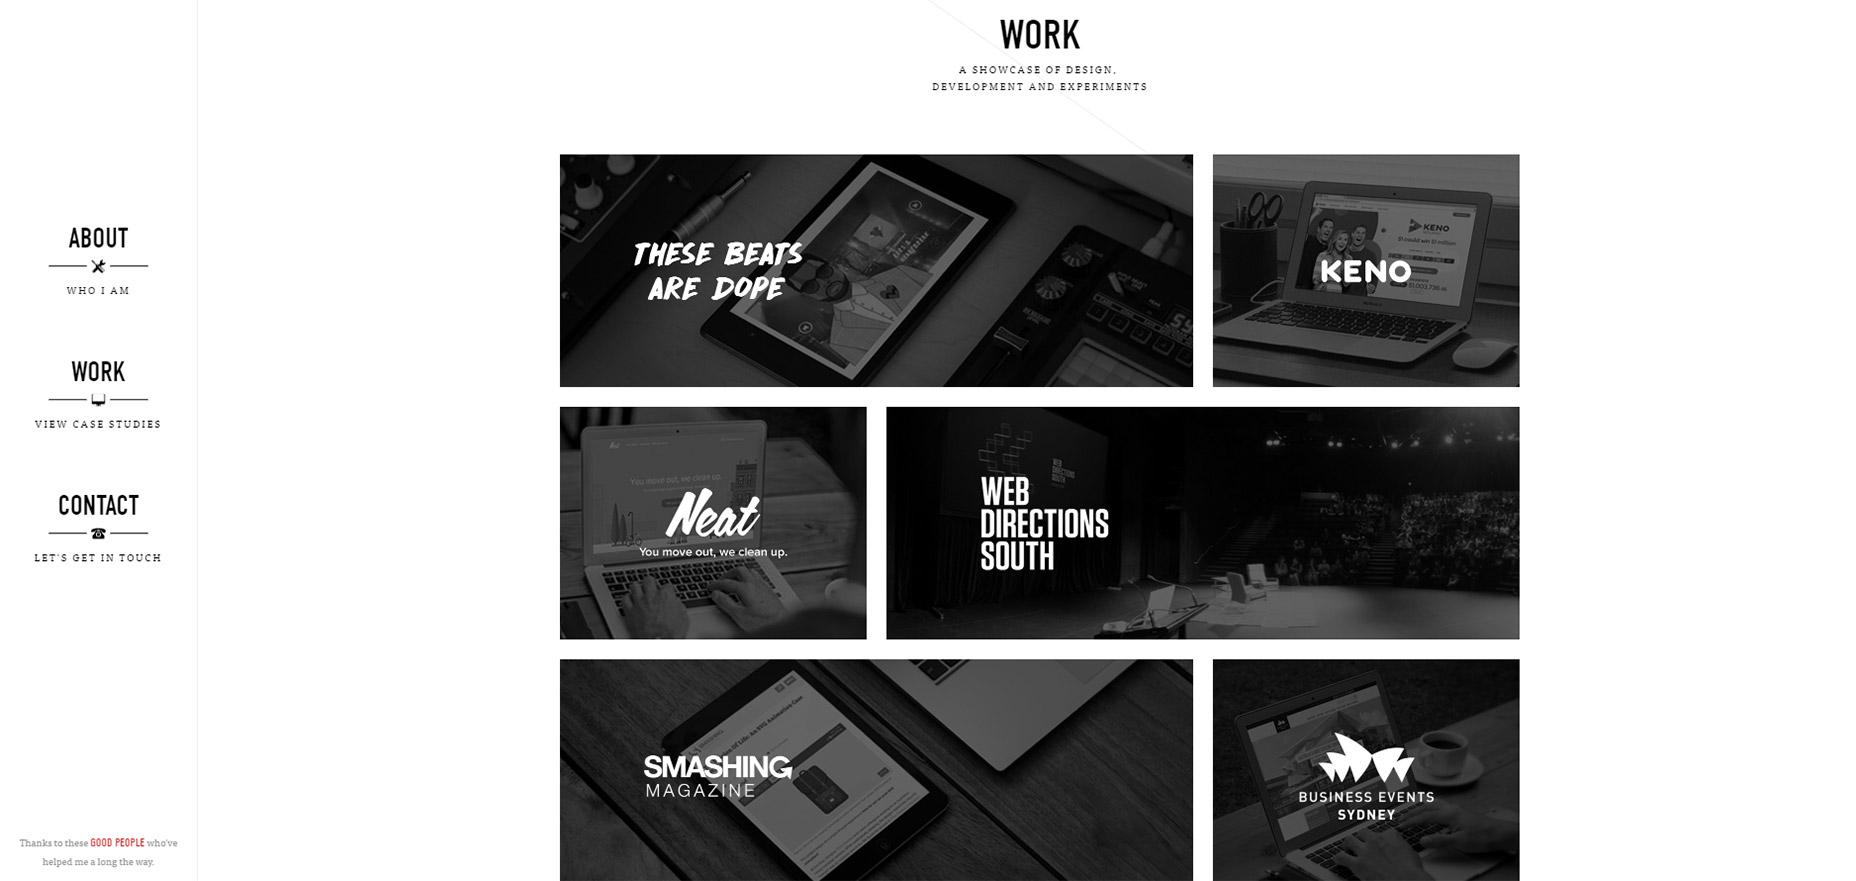 08-michael-ngo-portfolio-website